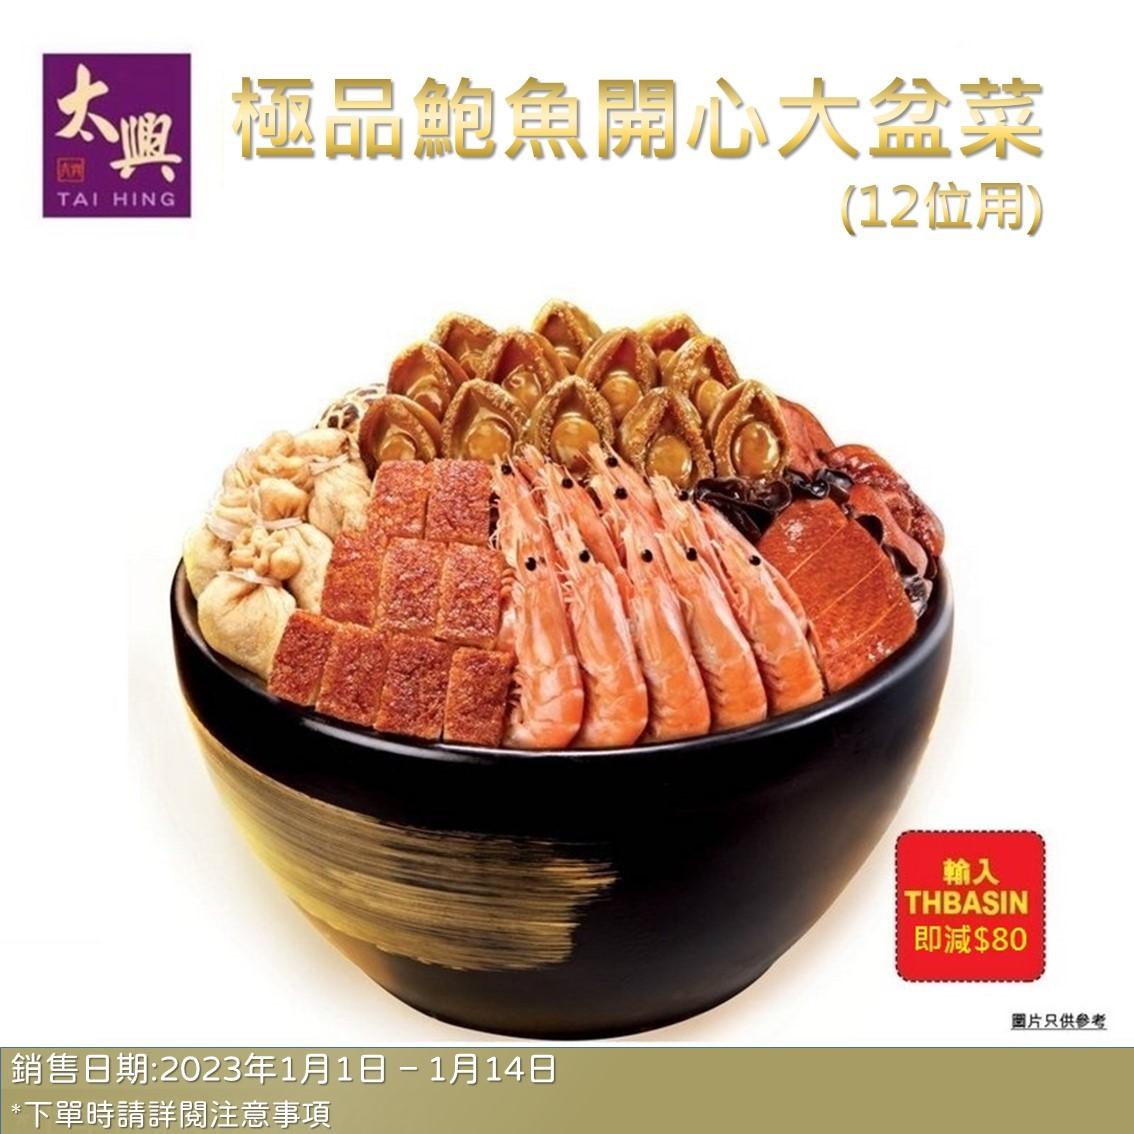 太興極品鮑魚開心大盆菜 (12位用)